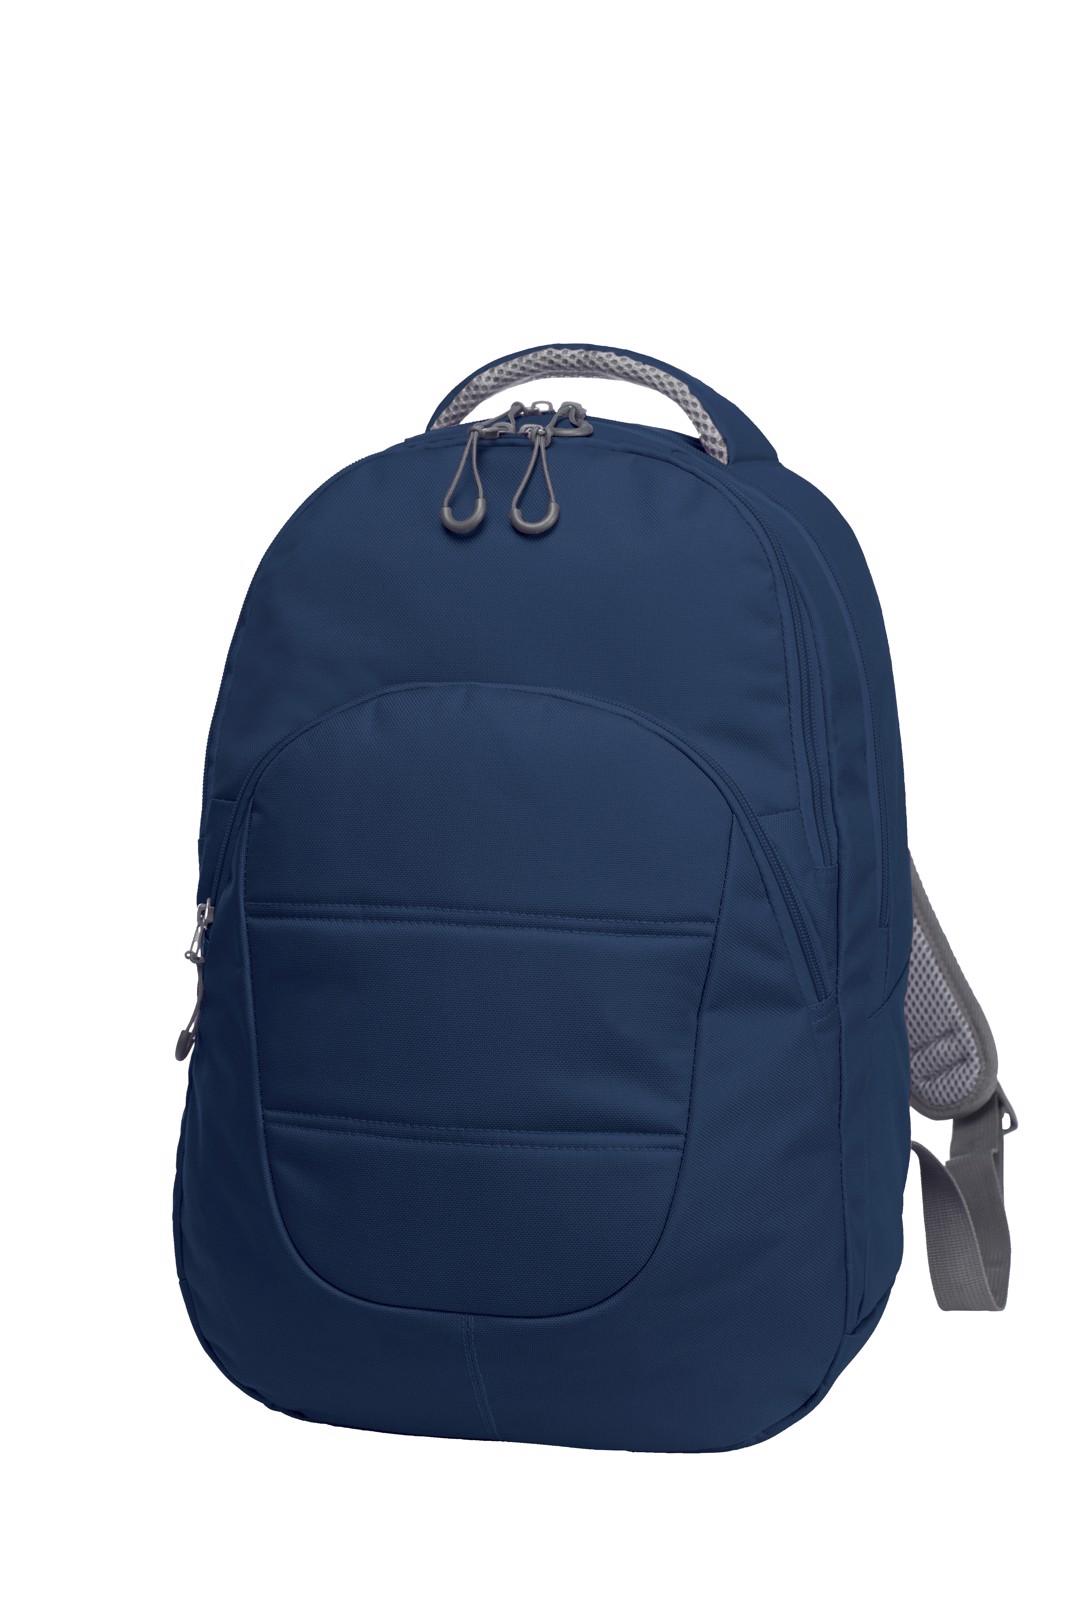 Batoh Pro Notebook Campus - Námořní Modrá